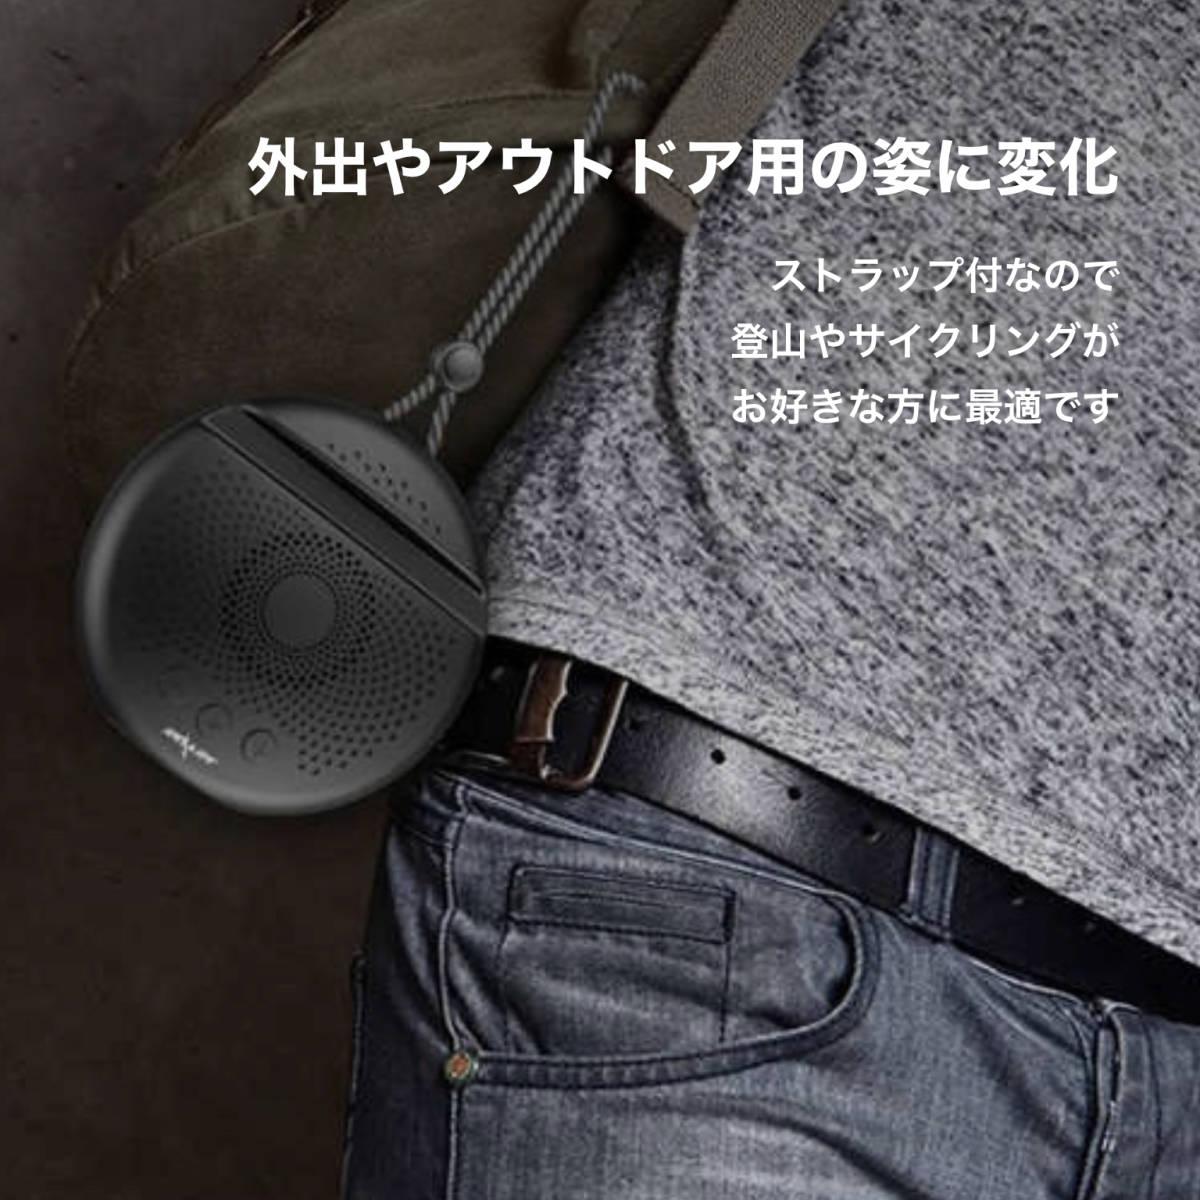 スピーカー ブルートゥース ワイヤレス ポータブル Bluetooth5.0 iPhone Android スタンド 高音質 防水 重低音 タブレット 送料無料_画像7